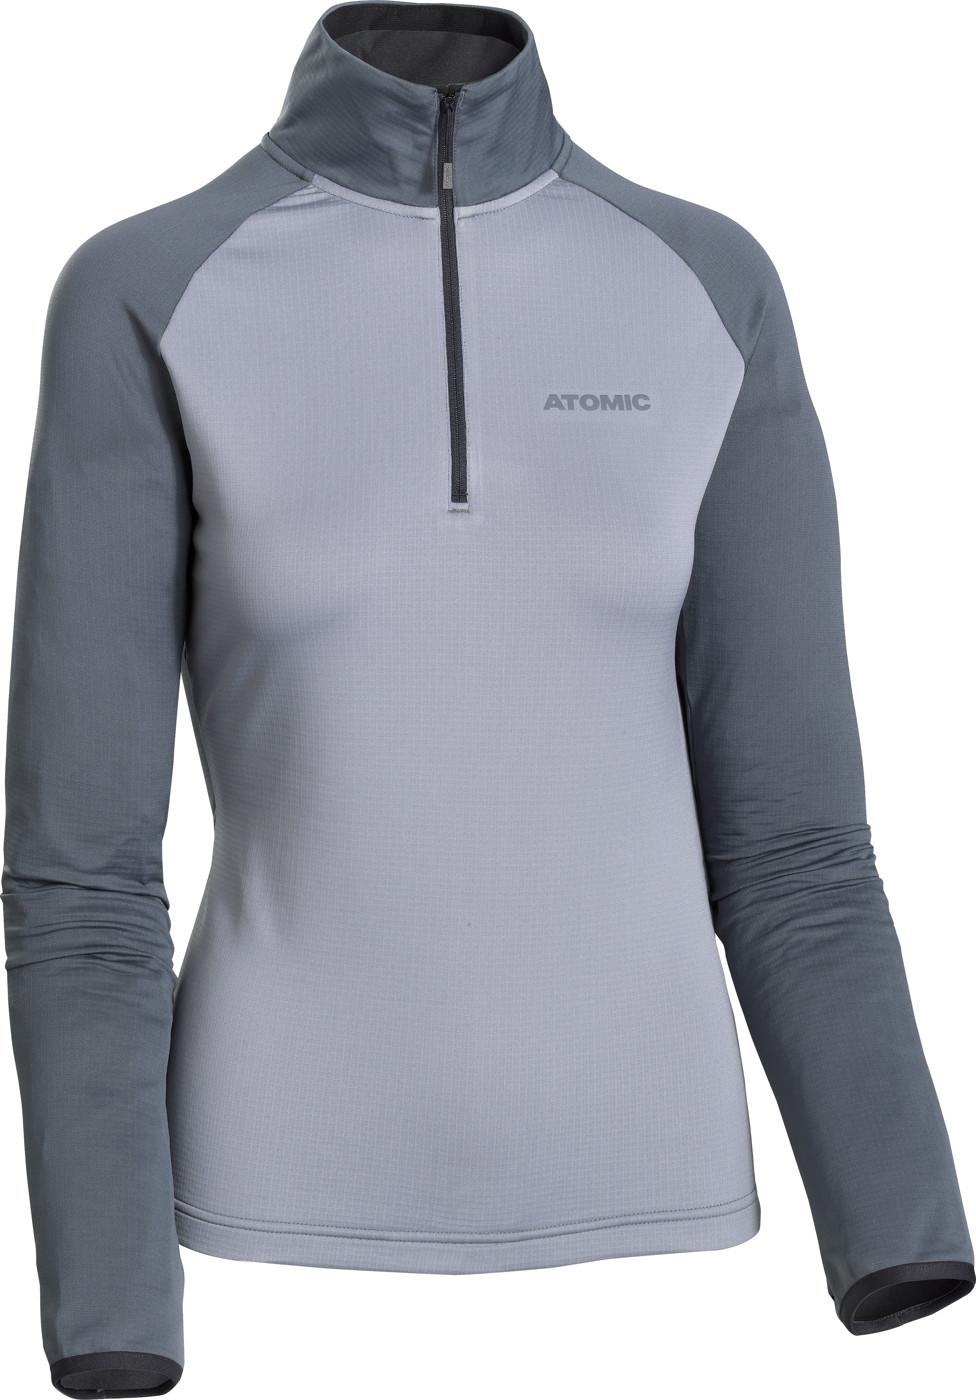 ATOMIC W SAVOR FLEECE ZIP-NECK Grey/BLUISH GREY M - Damen